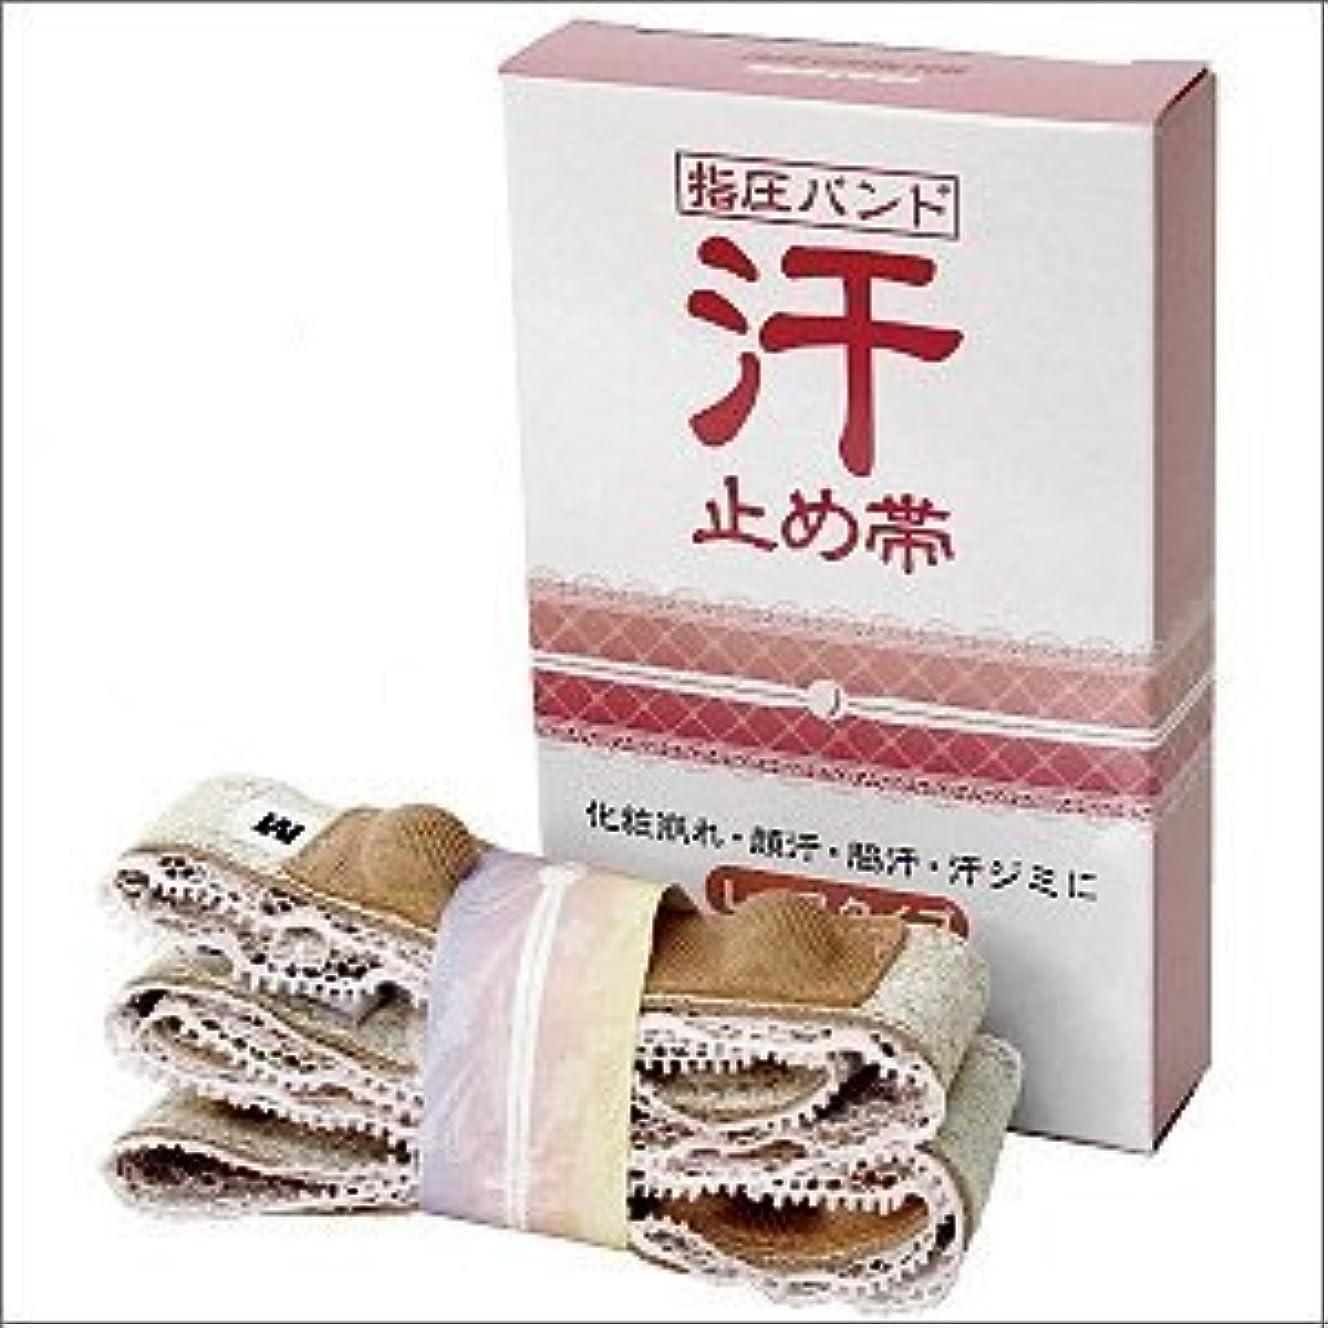 床和ソケット汗止め帯 レースタイプ (XL(1050~1150mm), ピンク)